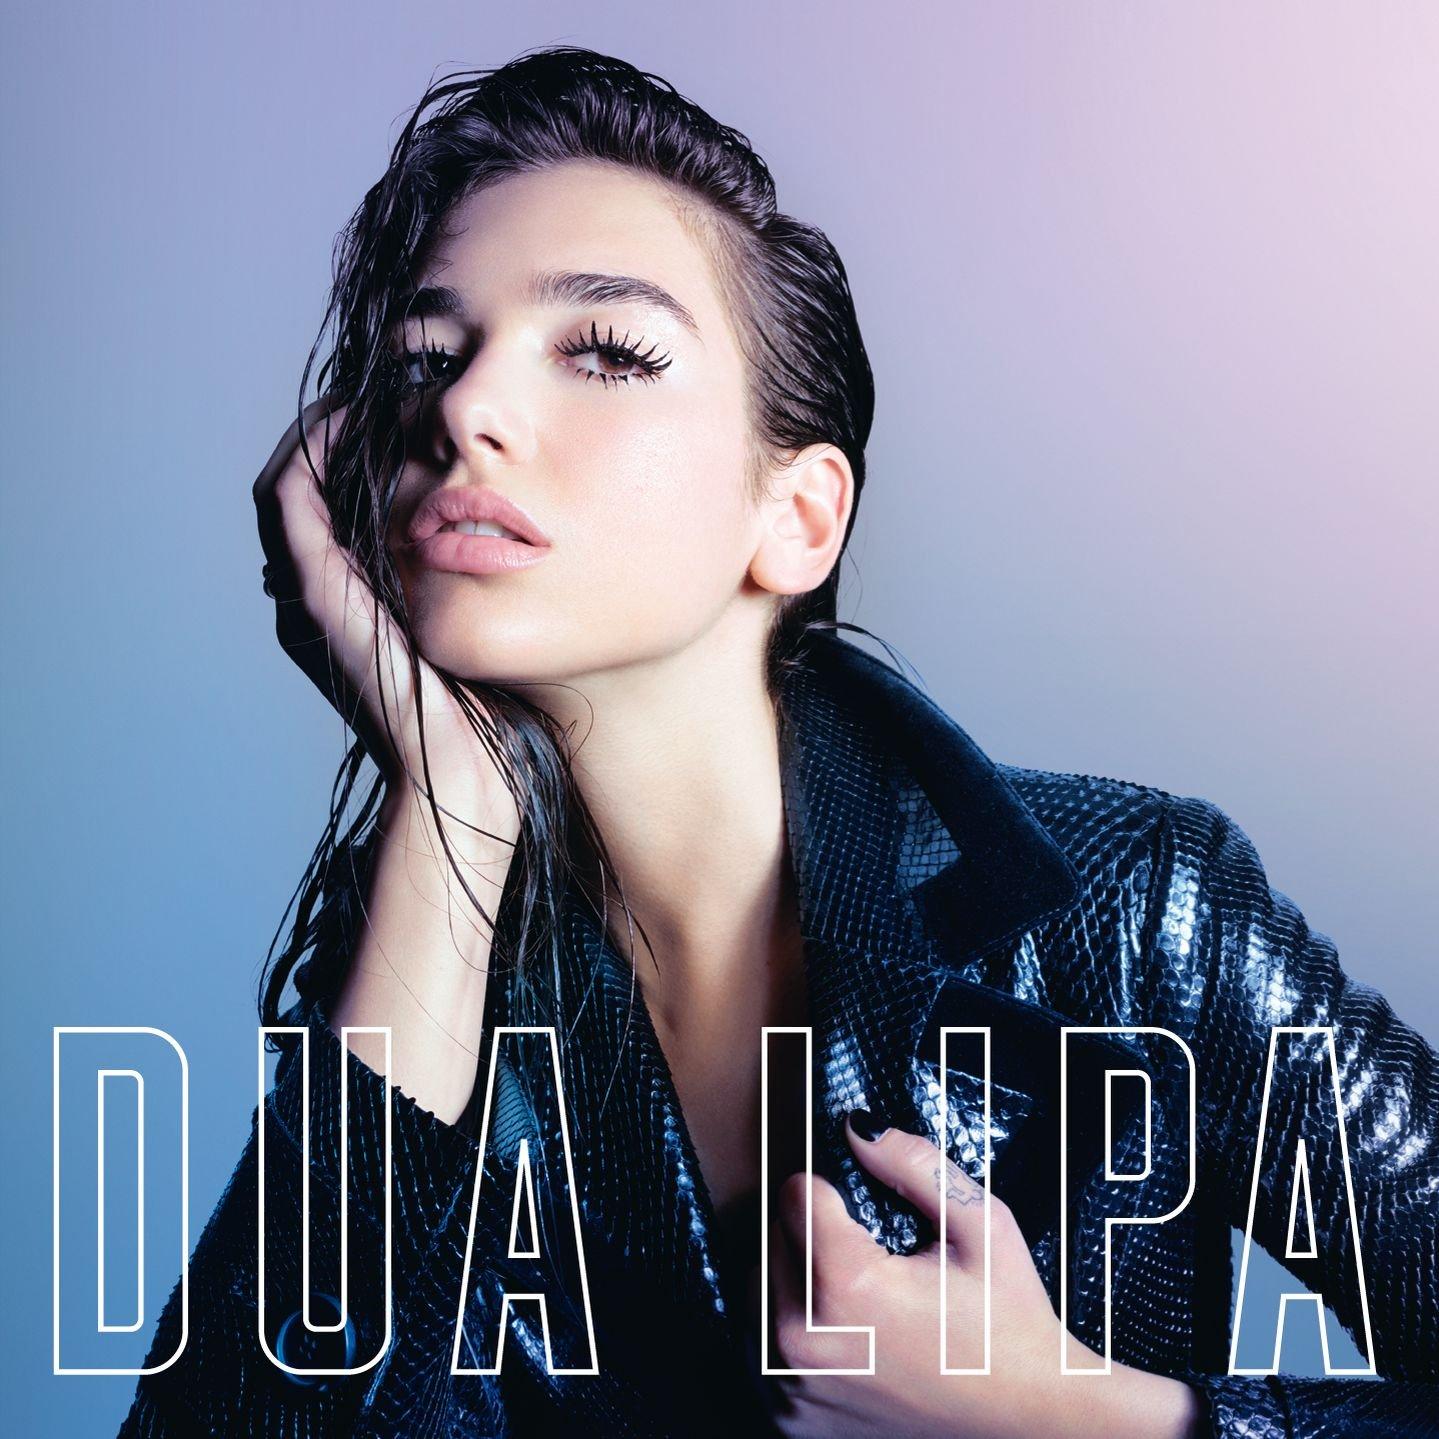 CD : Dua Lipa - Dua Lipa [Explicit Content] (CD)